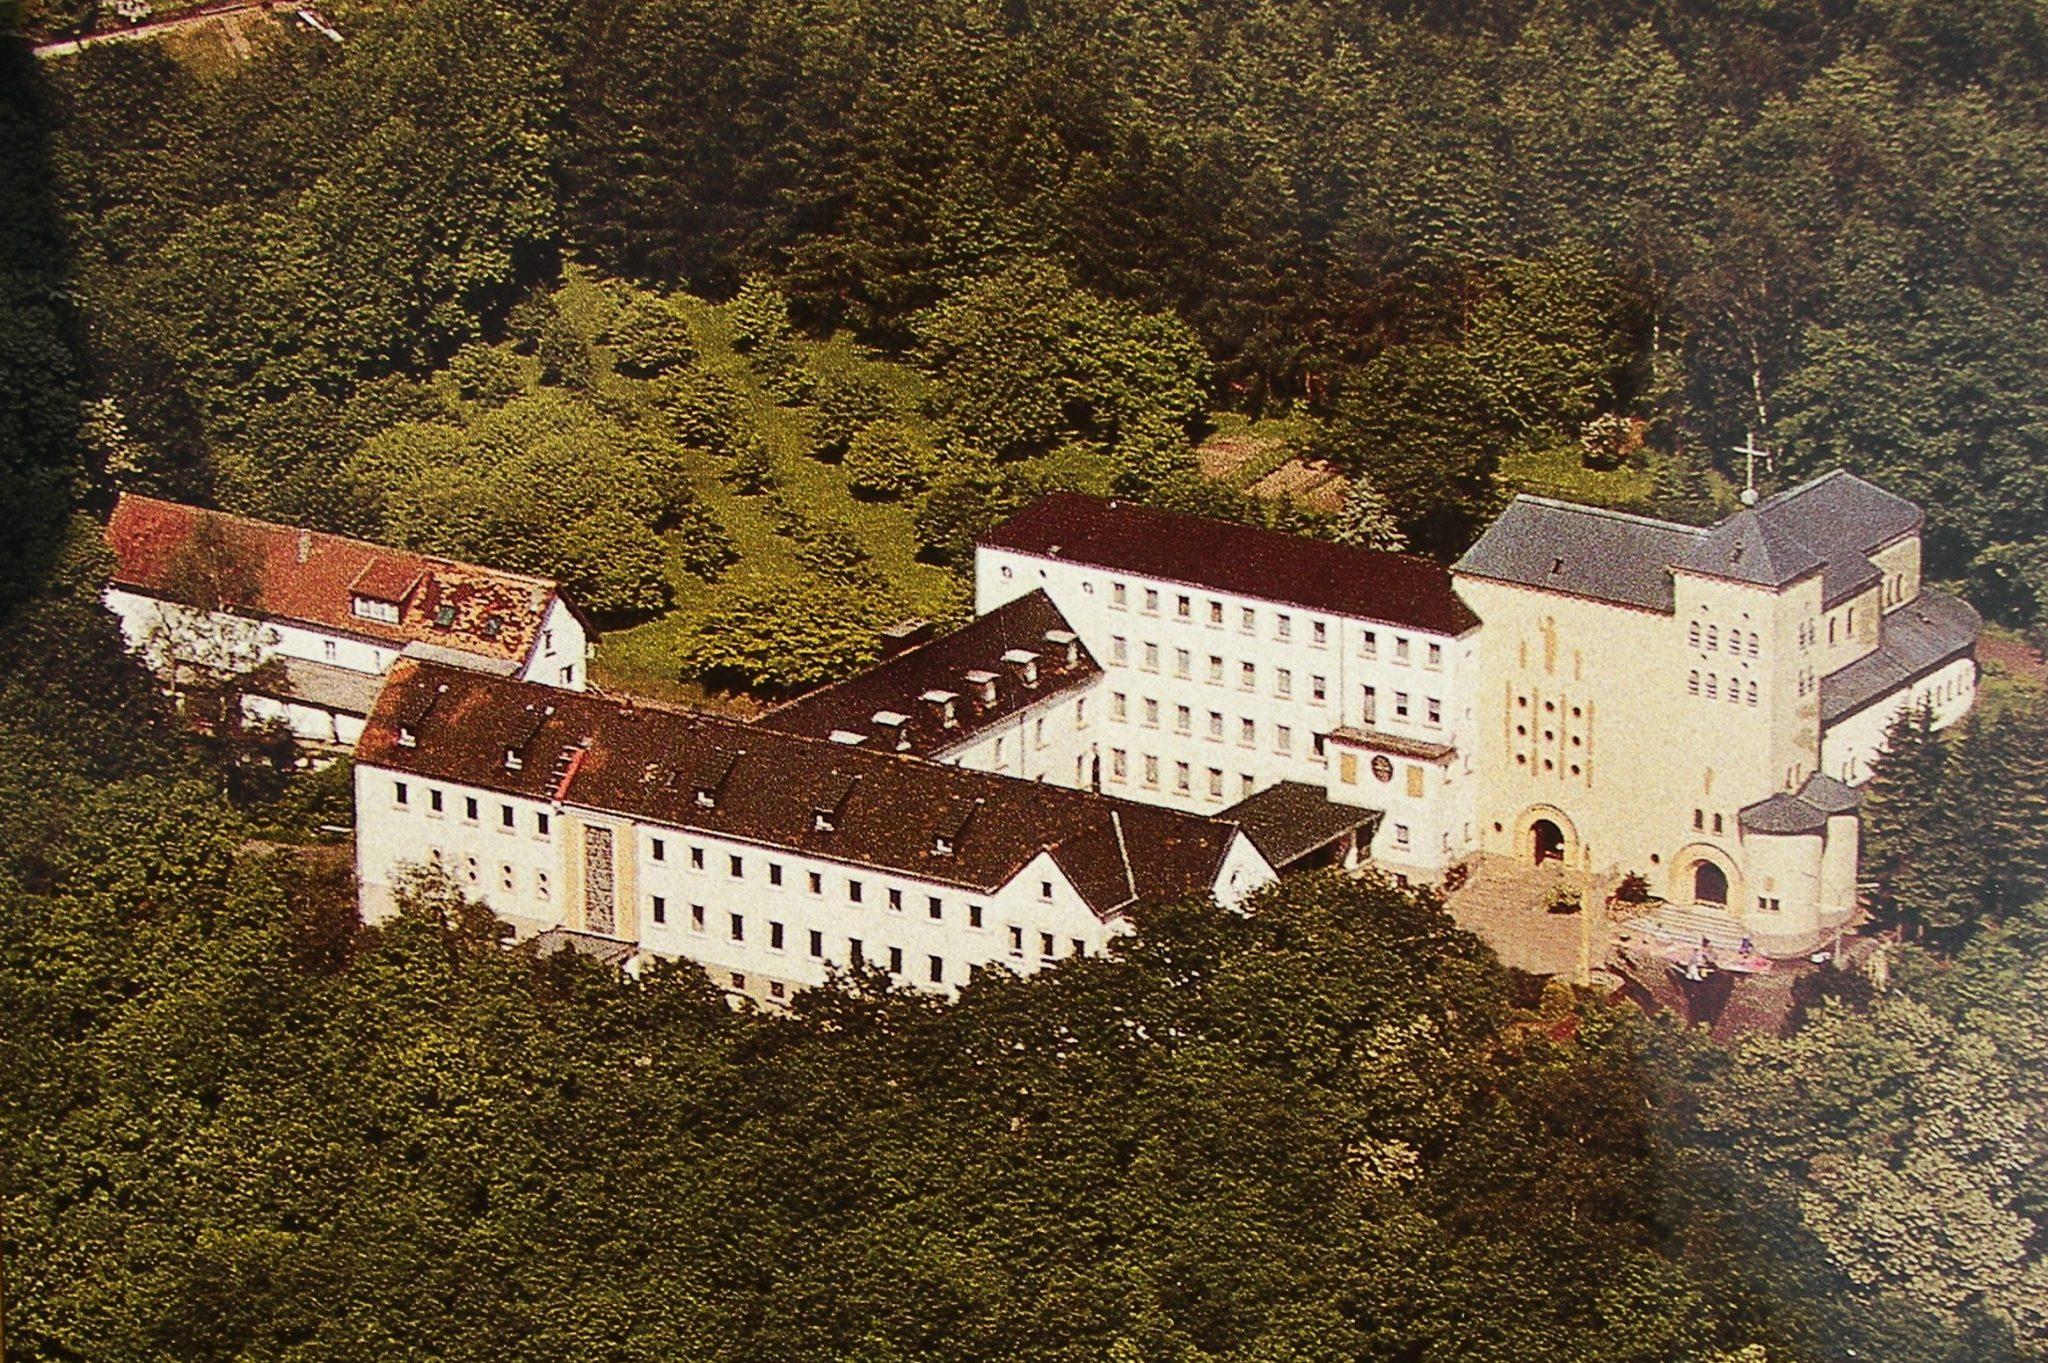 zu sehen ist ein Foto vom Bouser Kloster Heiligenborn, aufgenommen aus einem Flugzeug